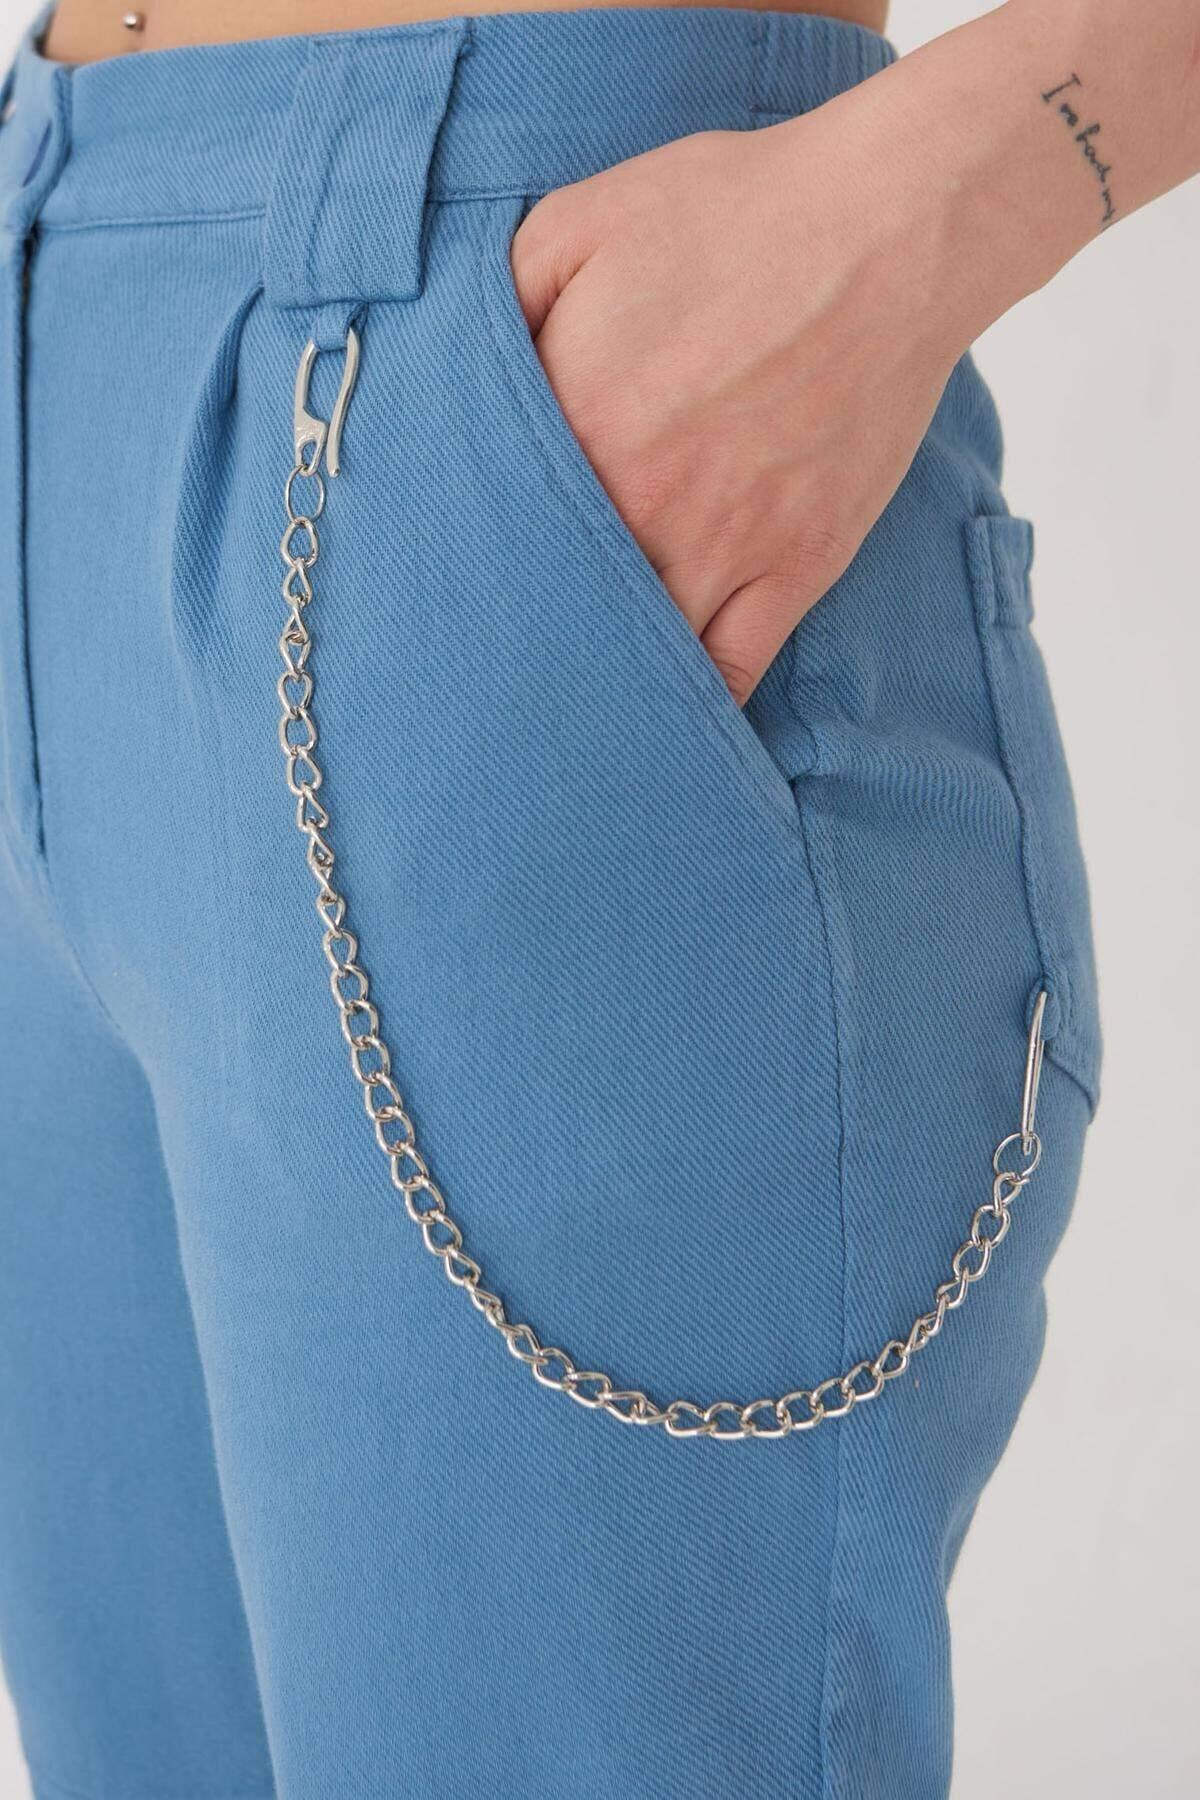 Addax Kadın Mavi Zincir Detaylı Pantolon Pn01-0073 - S11 Adx-0000024102 3